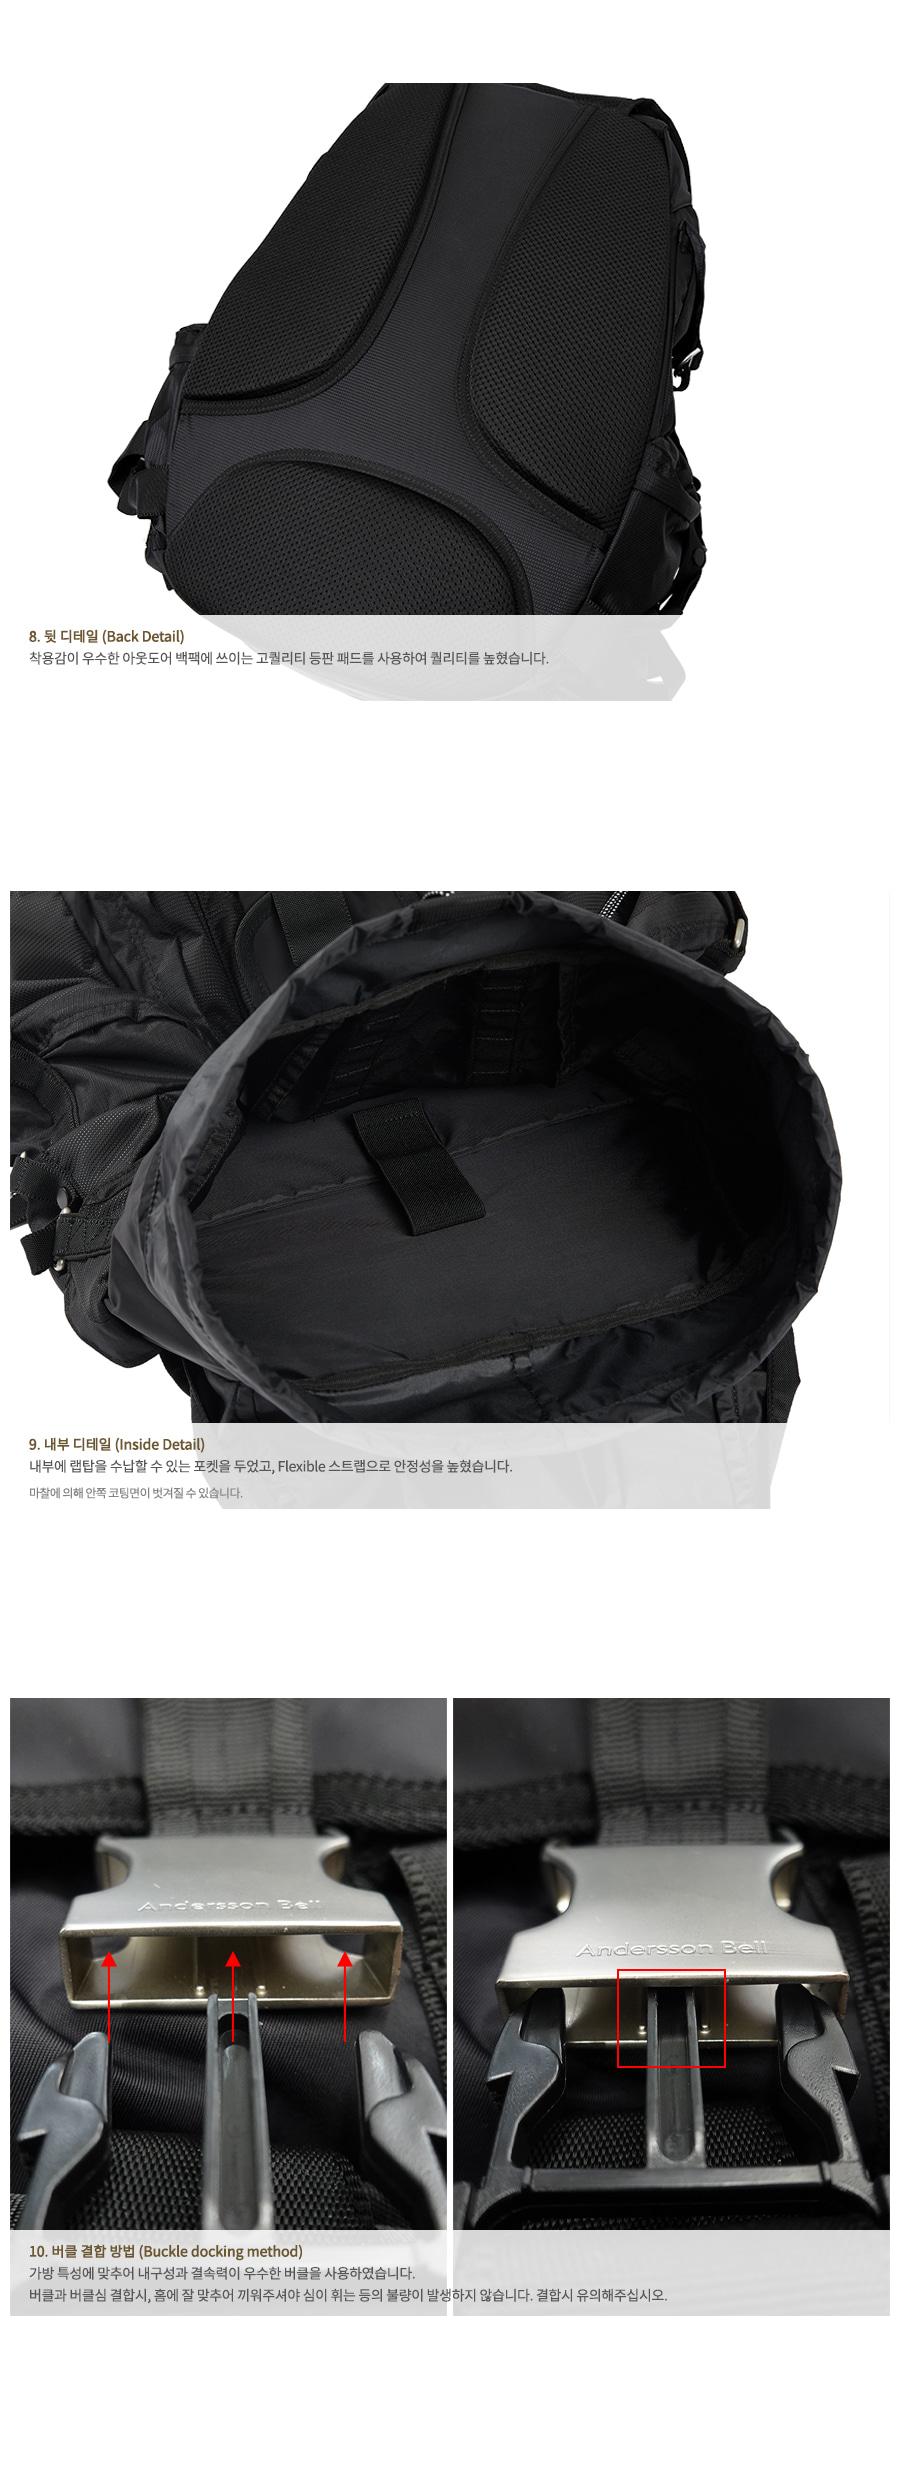 앤더슨벨(ANDERSSON BELL) 유니섹스 테크니컬 베를린 백팩 aaa237u(BLACK)